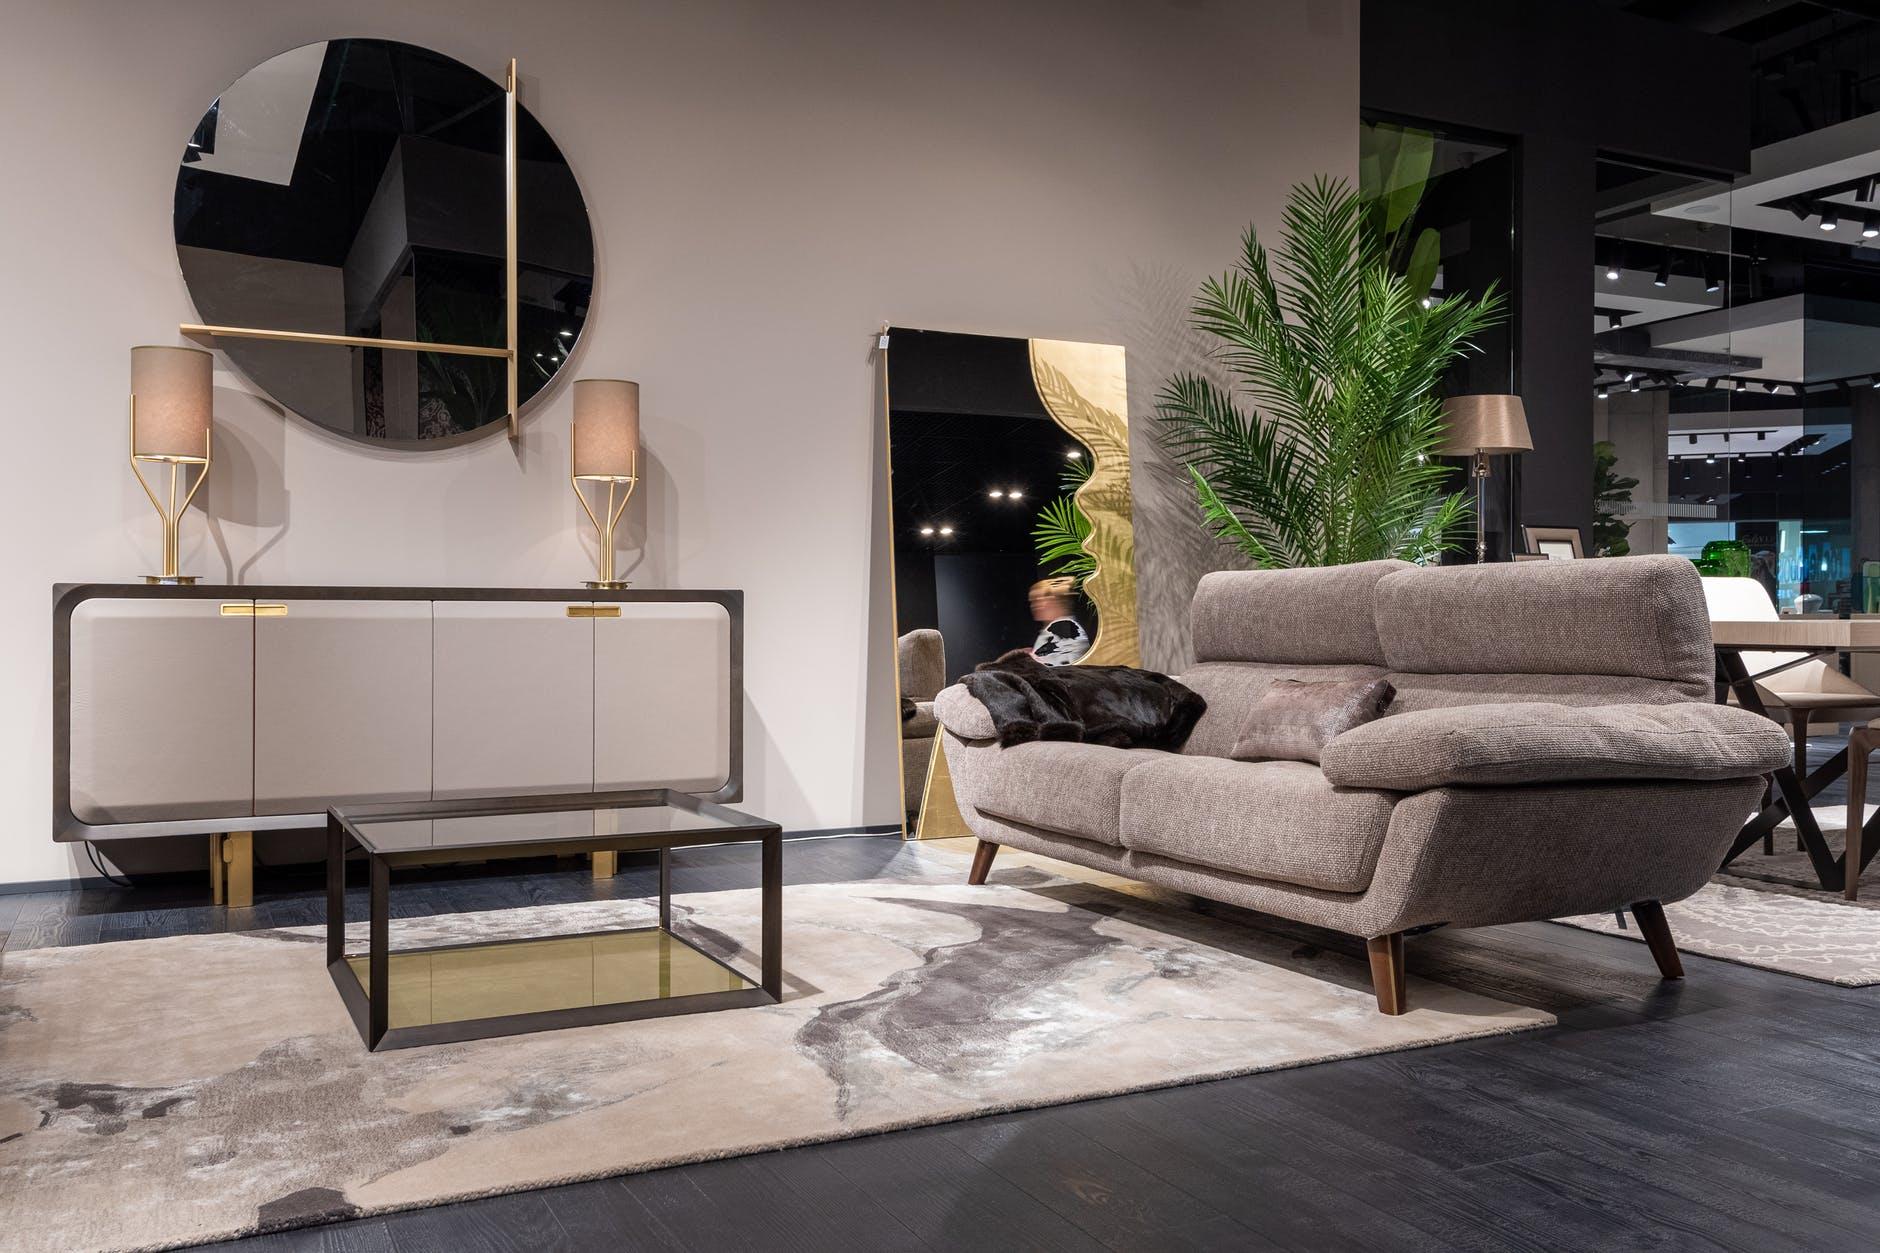 Czym charakteryzuje się atrakcyjne mieszkanie na sprzedaż? - Zdjęcie główne